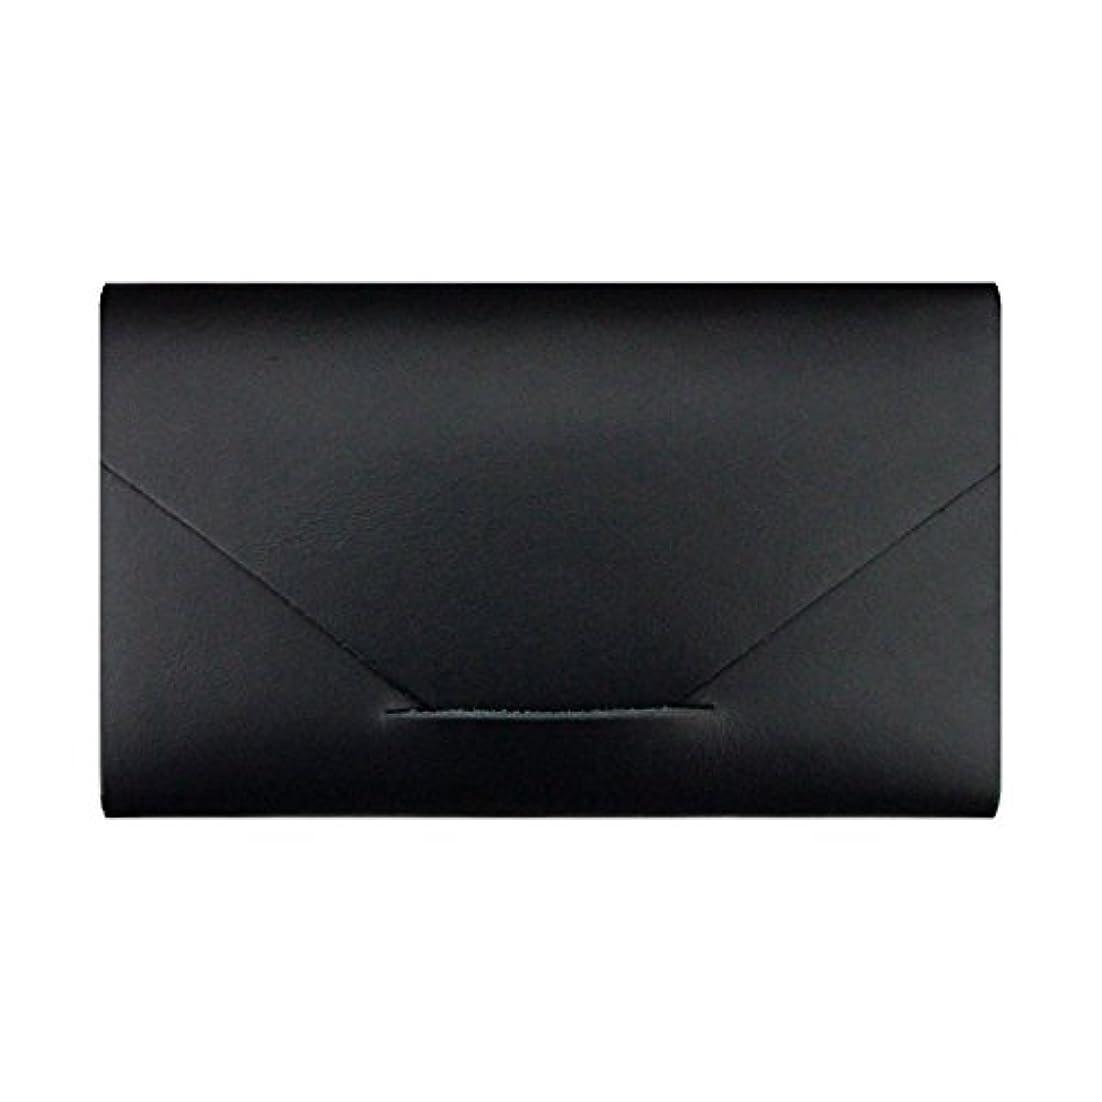 鍔予見する合併症MODERN AGE TOKYO 2 カードケース(サシェ3種入) ブラック BLACK CARD CASE モダンエイジトウキョウツー